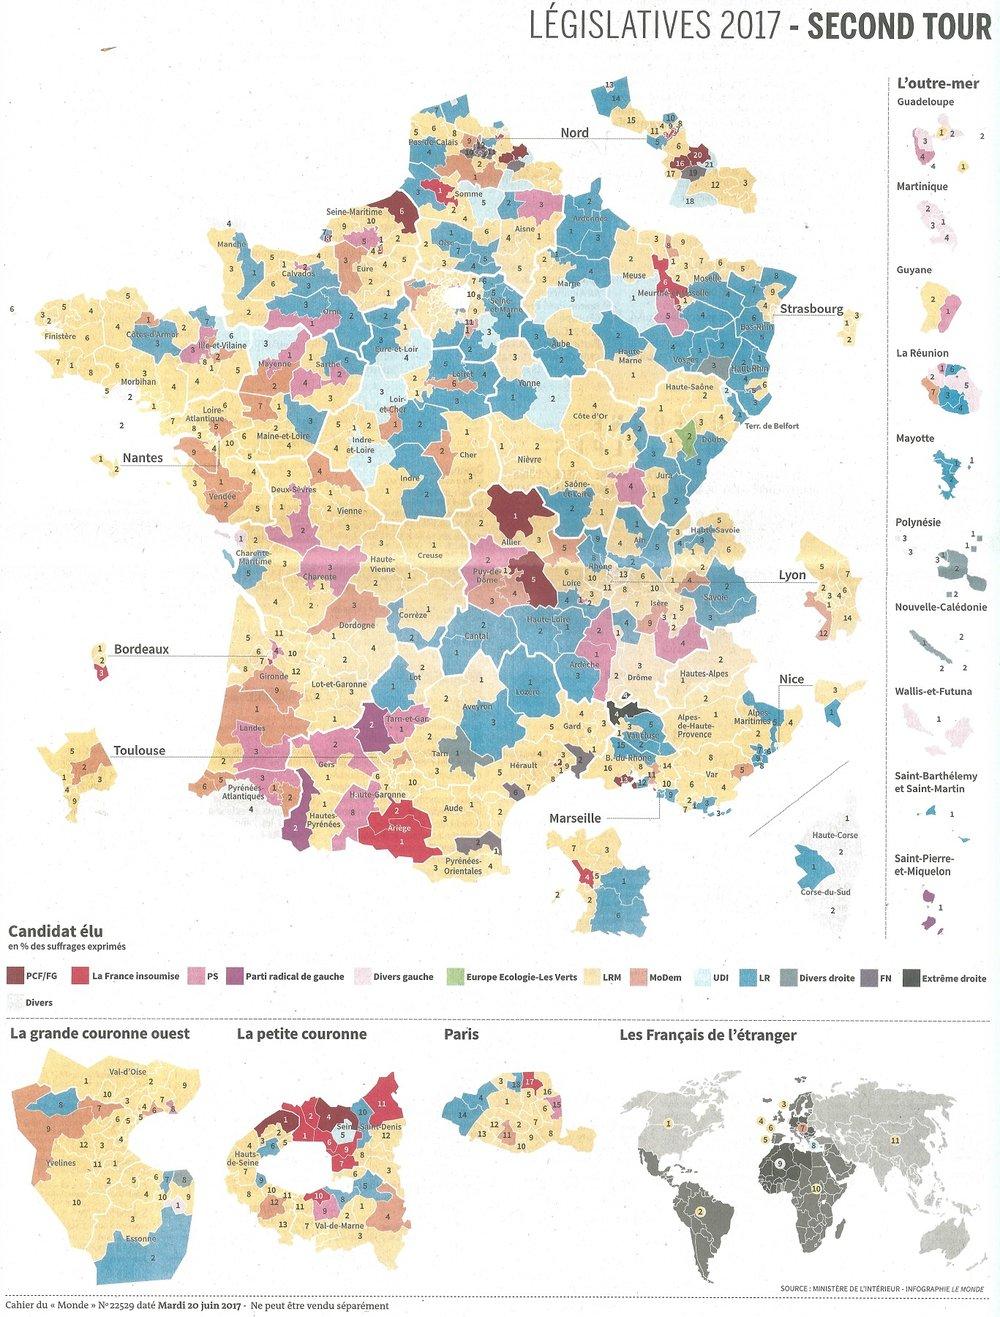 Source: Le Monde, 20 juin 2017